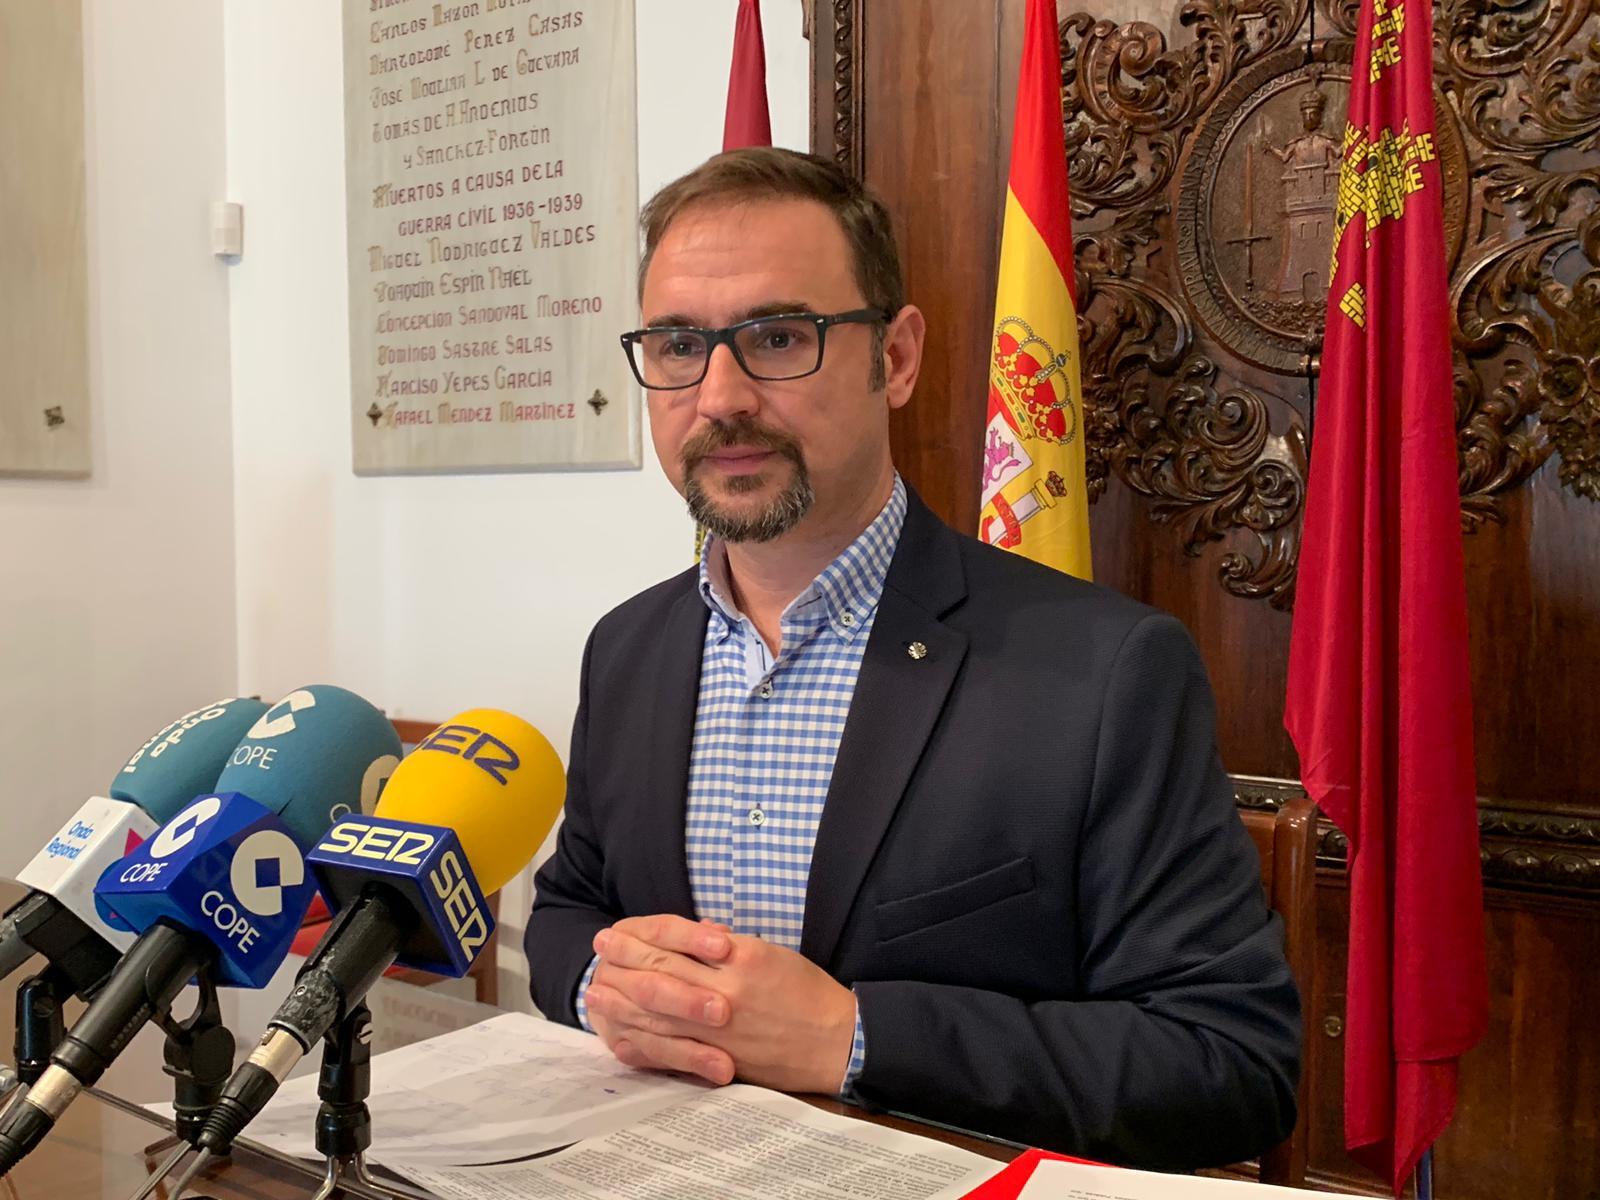 """El PSOE reunirá a sus Alcaldes y portavoces de los municipios del área III para exigir al PP la revisión de la """"sospechosa"""" adjudicación del transporte sanitario a empresas de fuera de la Región"""